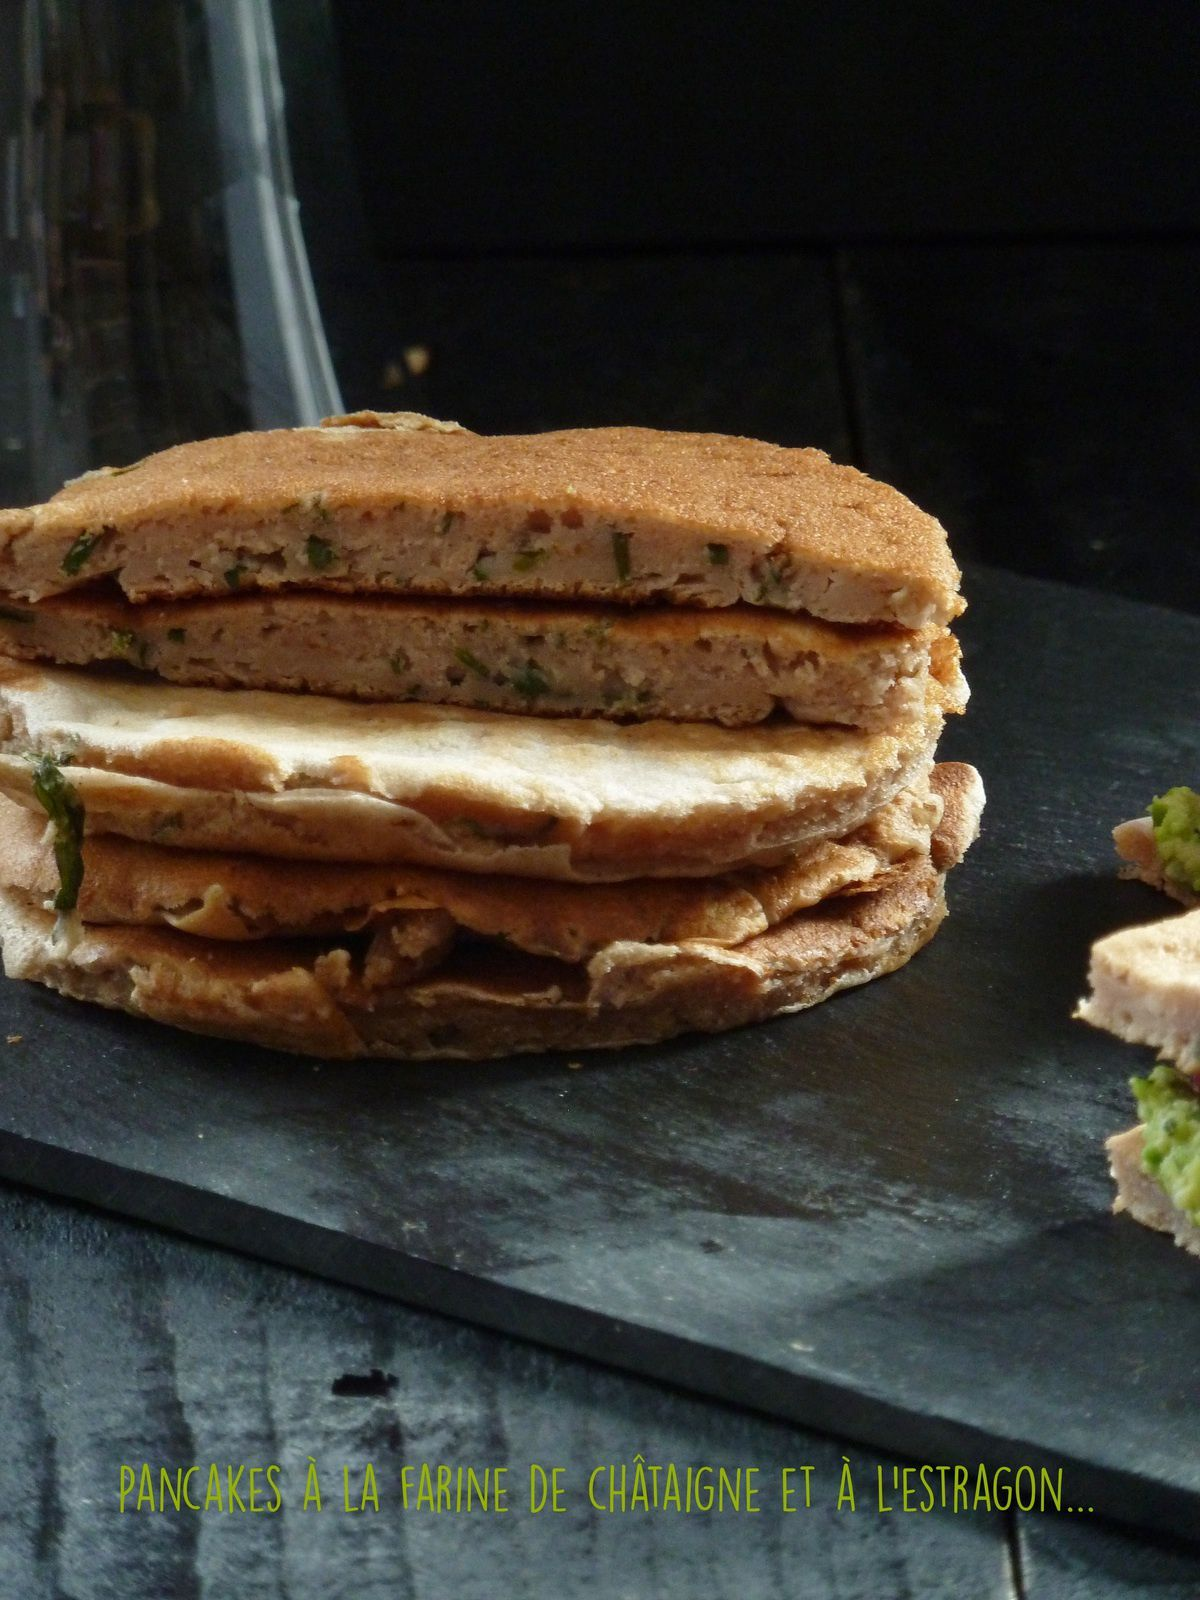 Pancakes à la farine de châtaigne et à l'estragon